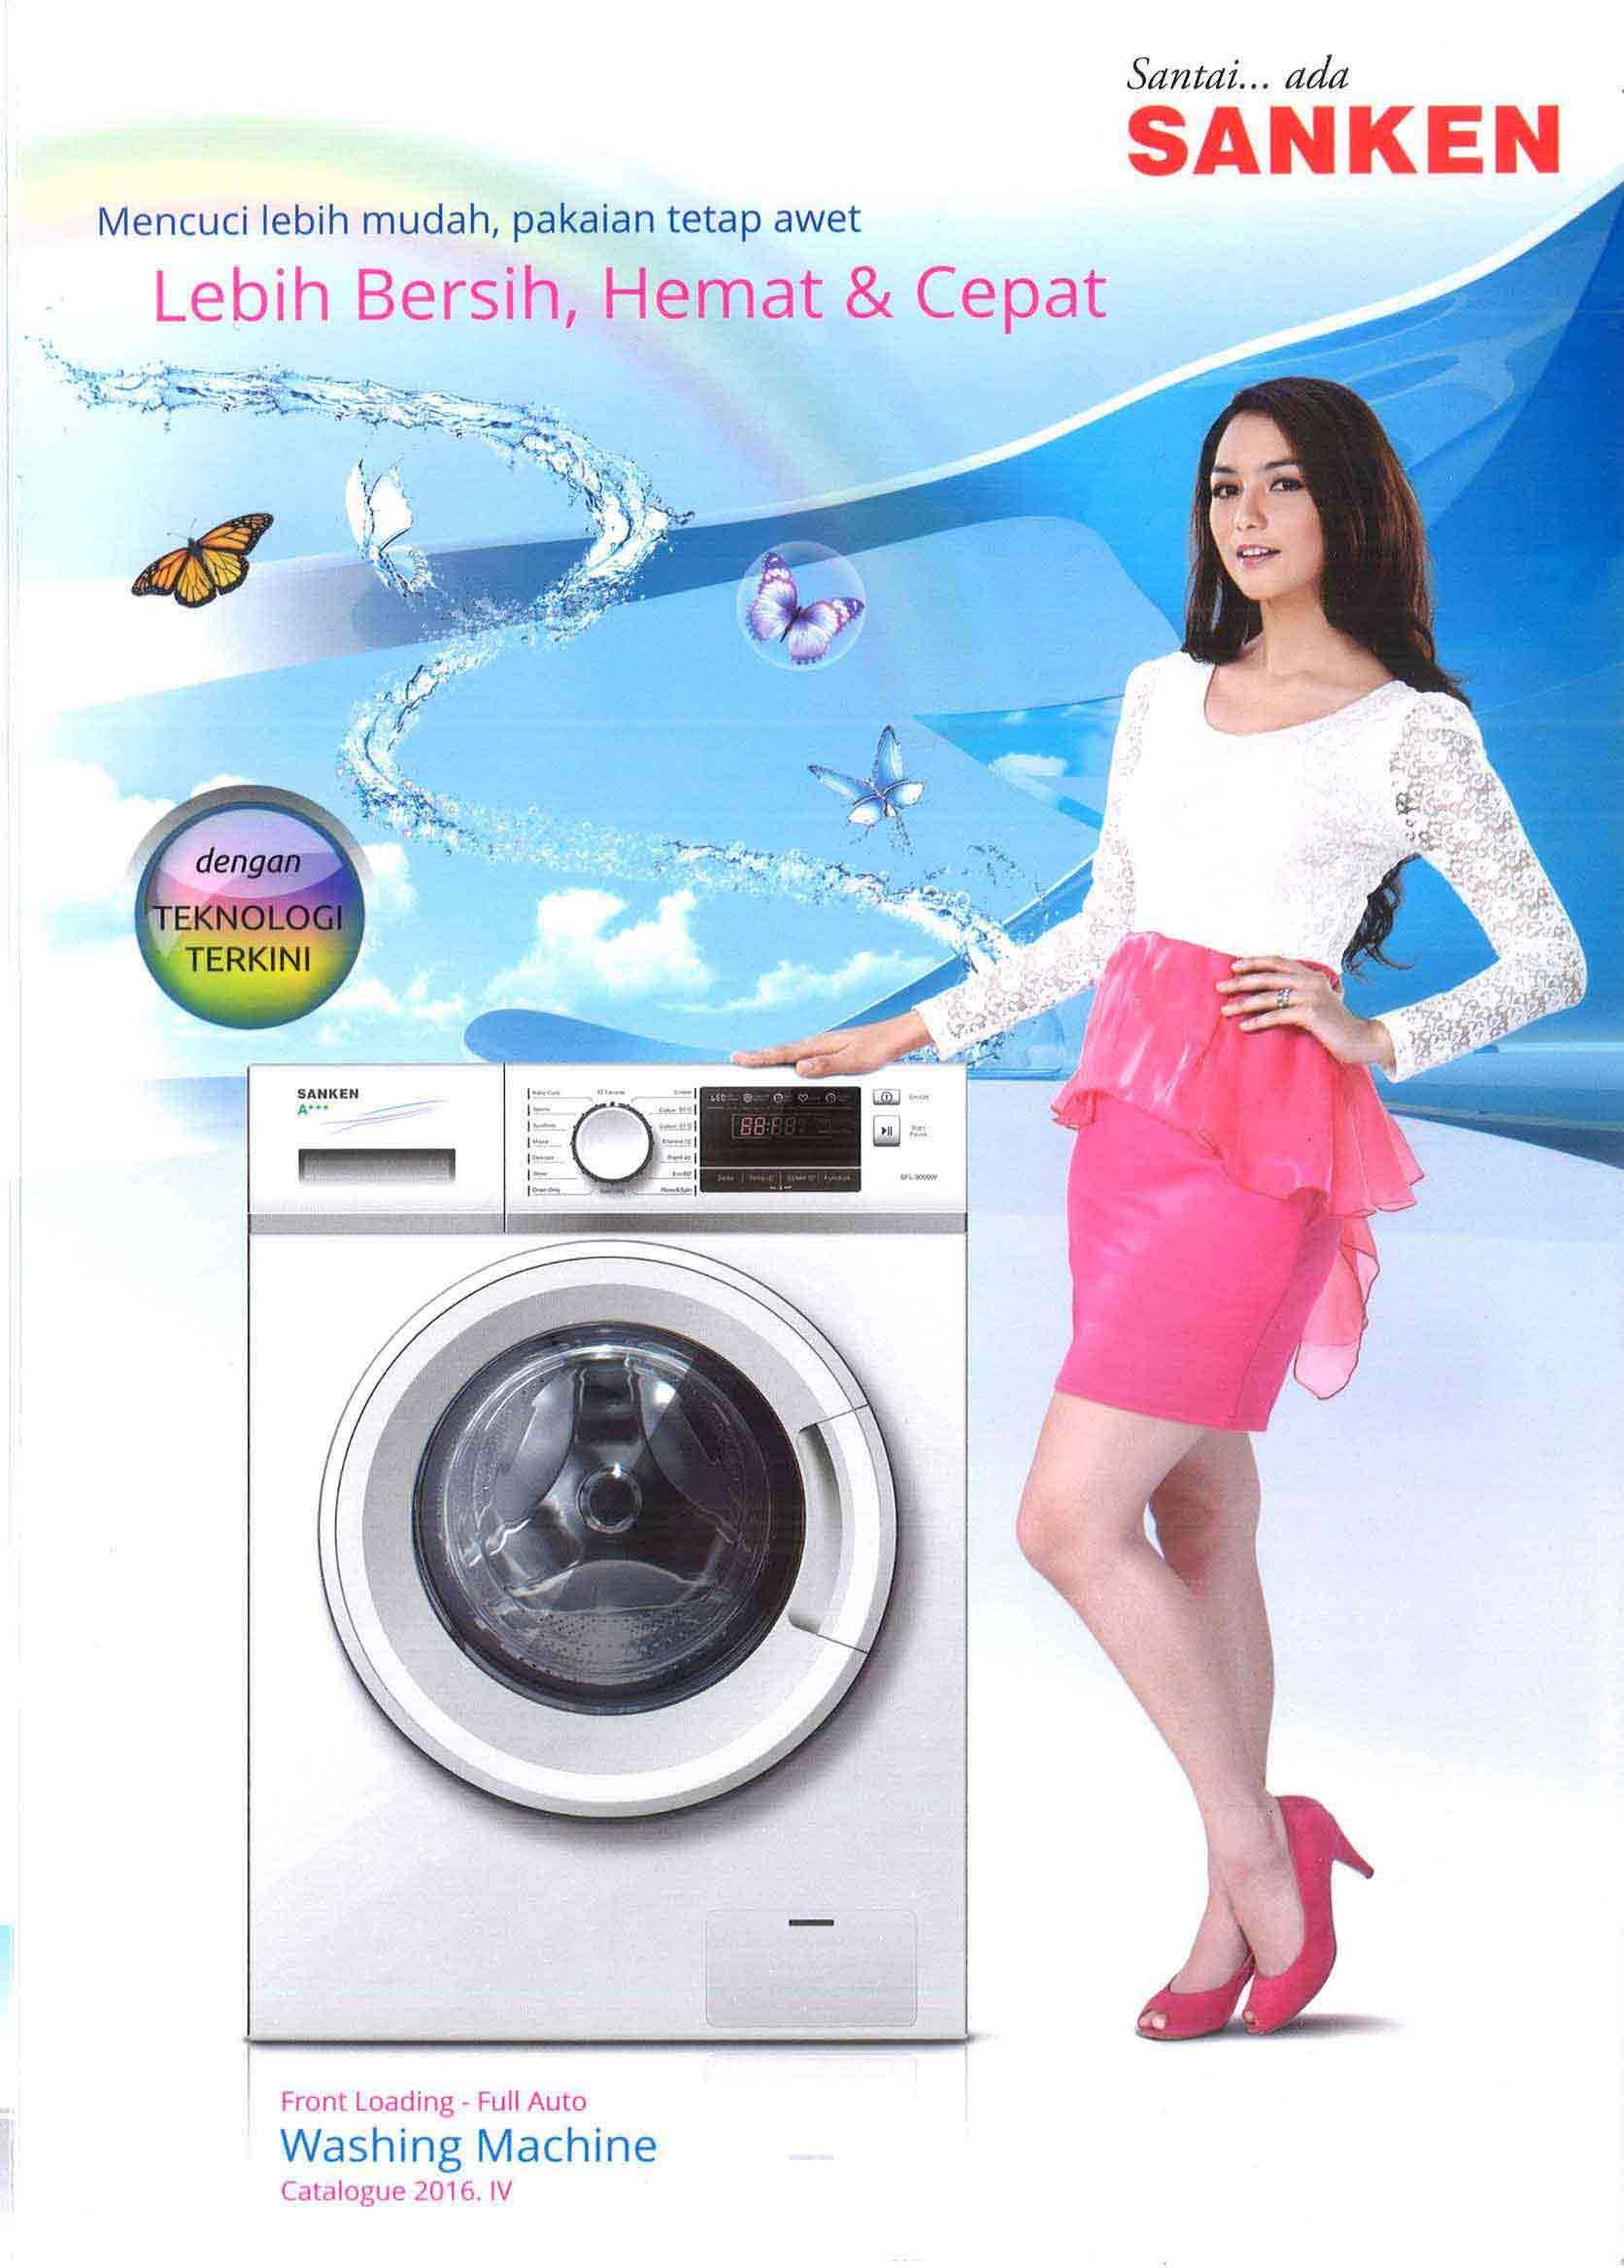 Sanken Electronic Indonesia on